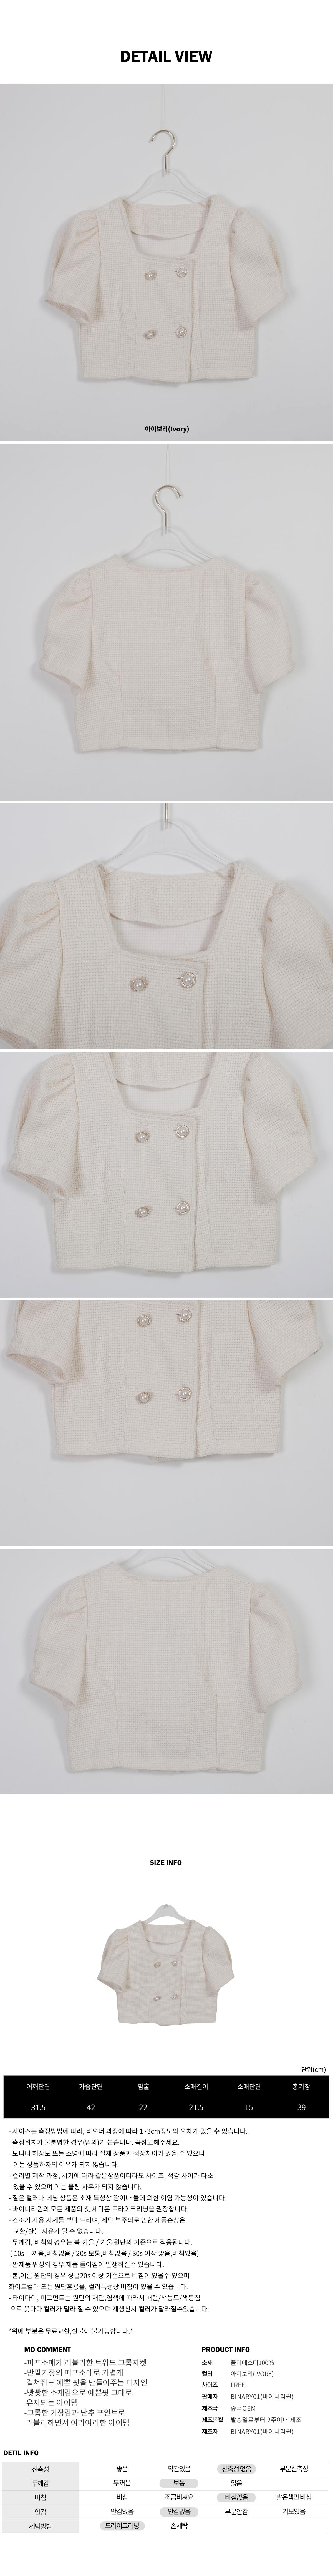 Tweed sister crop jacket